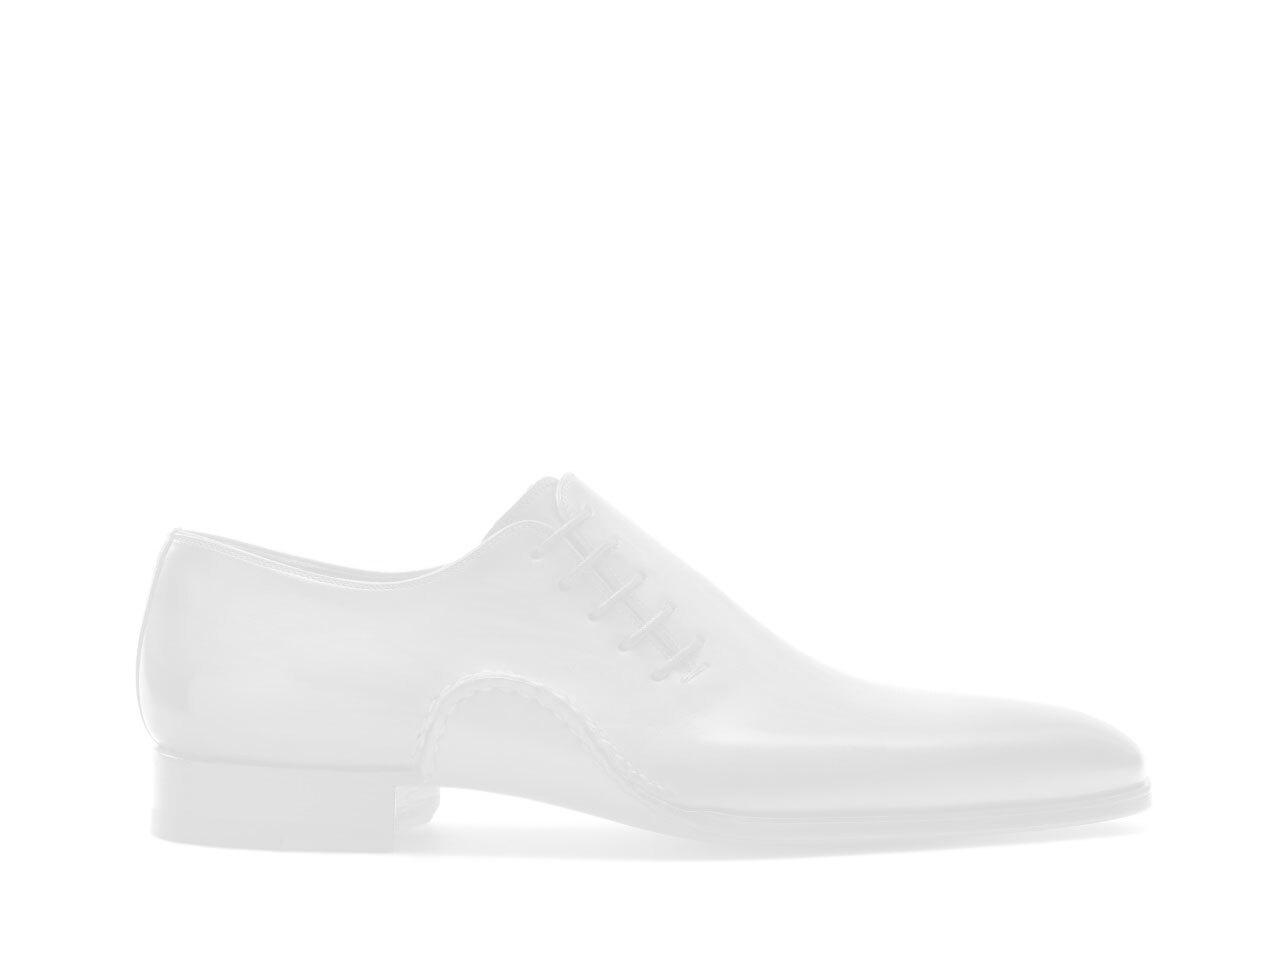 Sole of the Magnanni Keane Cognac Men's Oxford Shoes